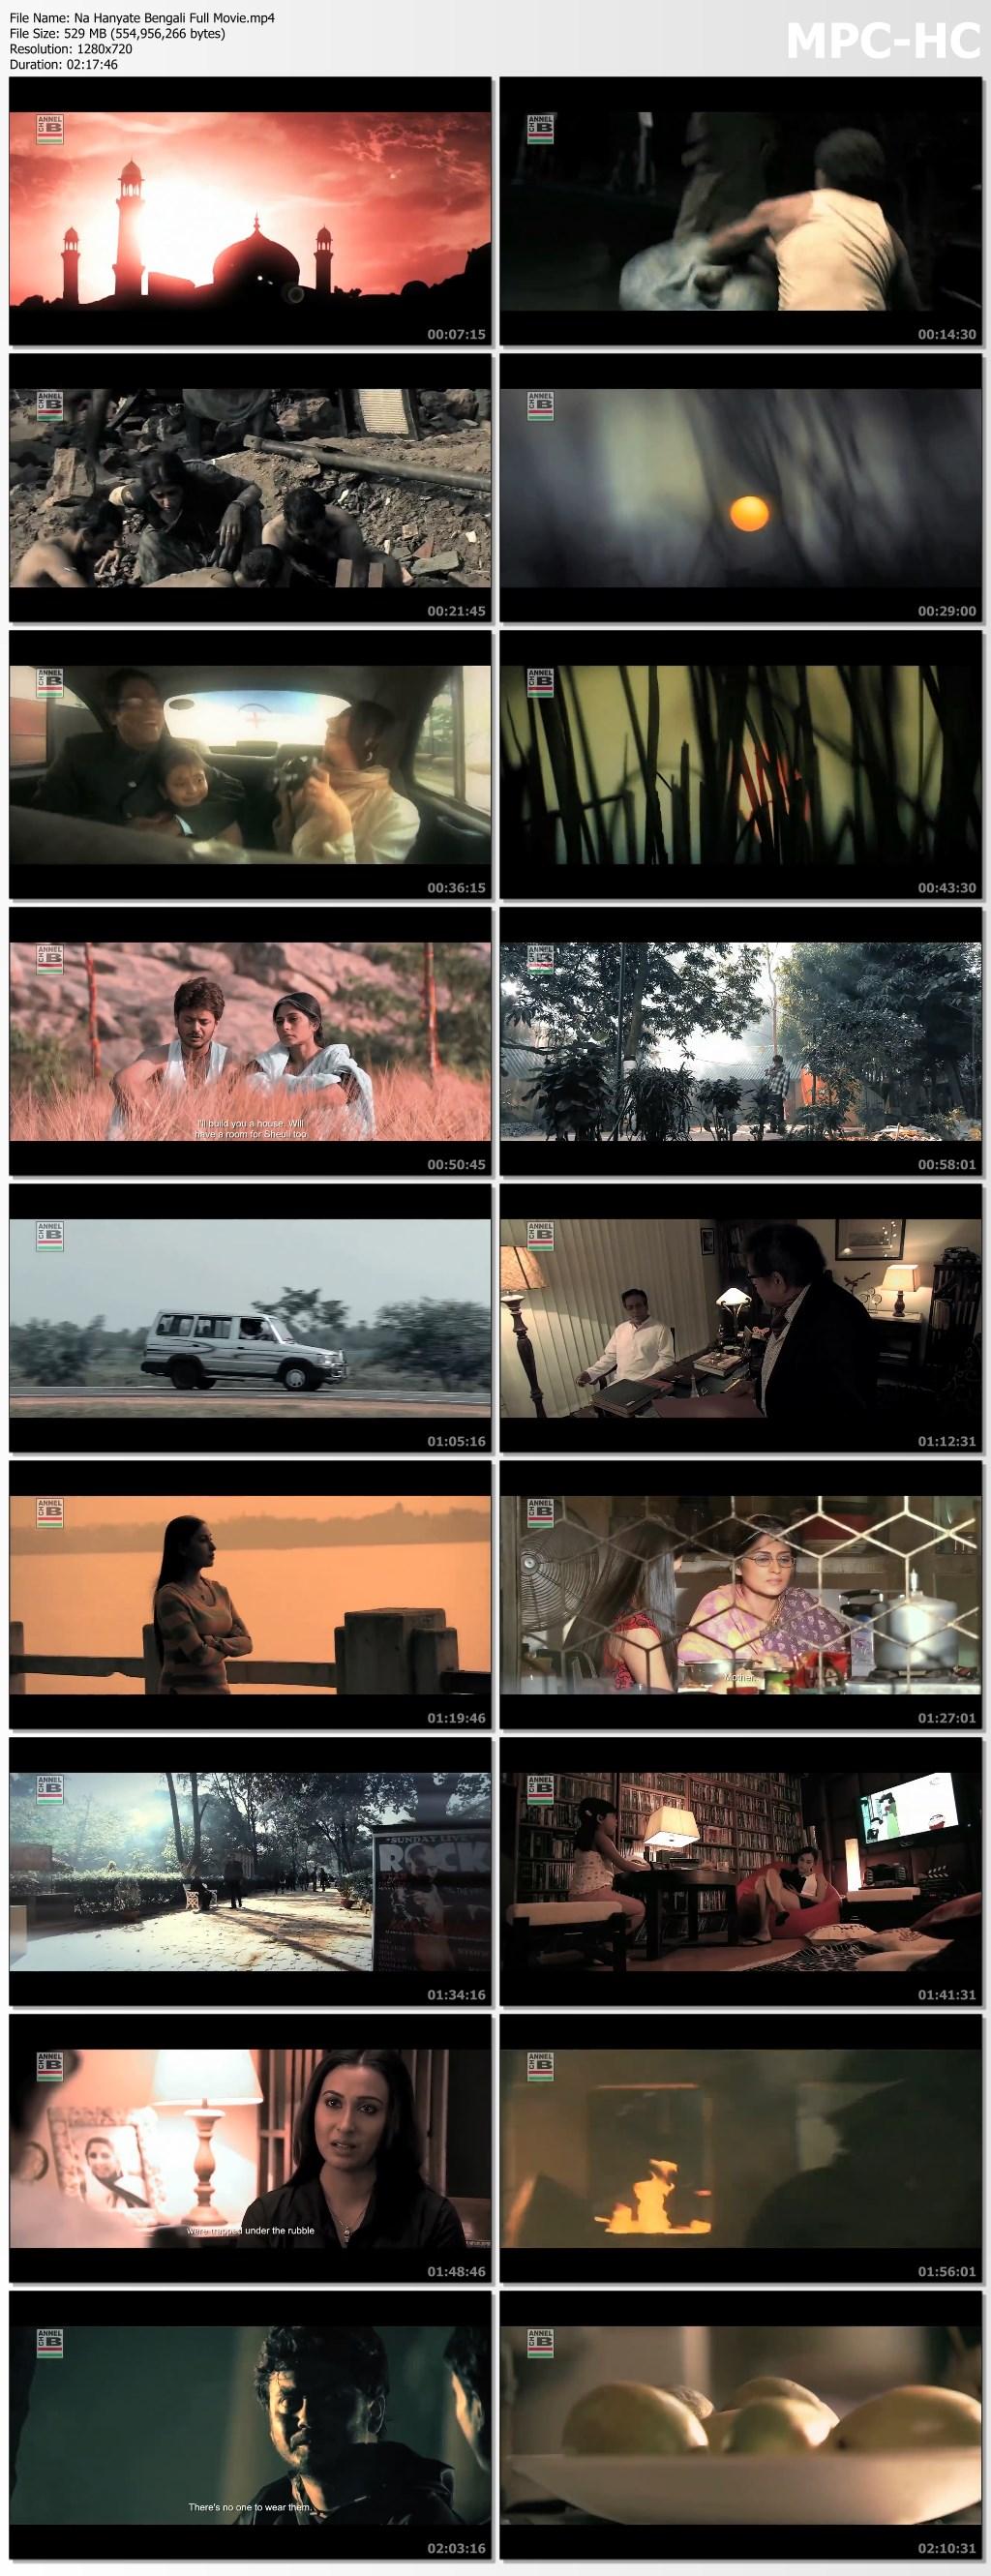 Na Hanyate Bengali Full Movie.mp4 thumbs